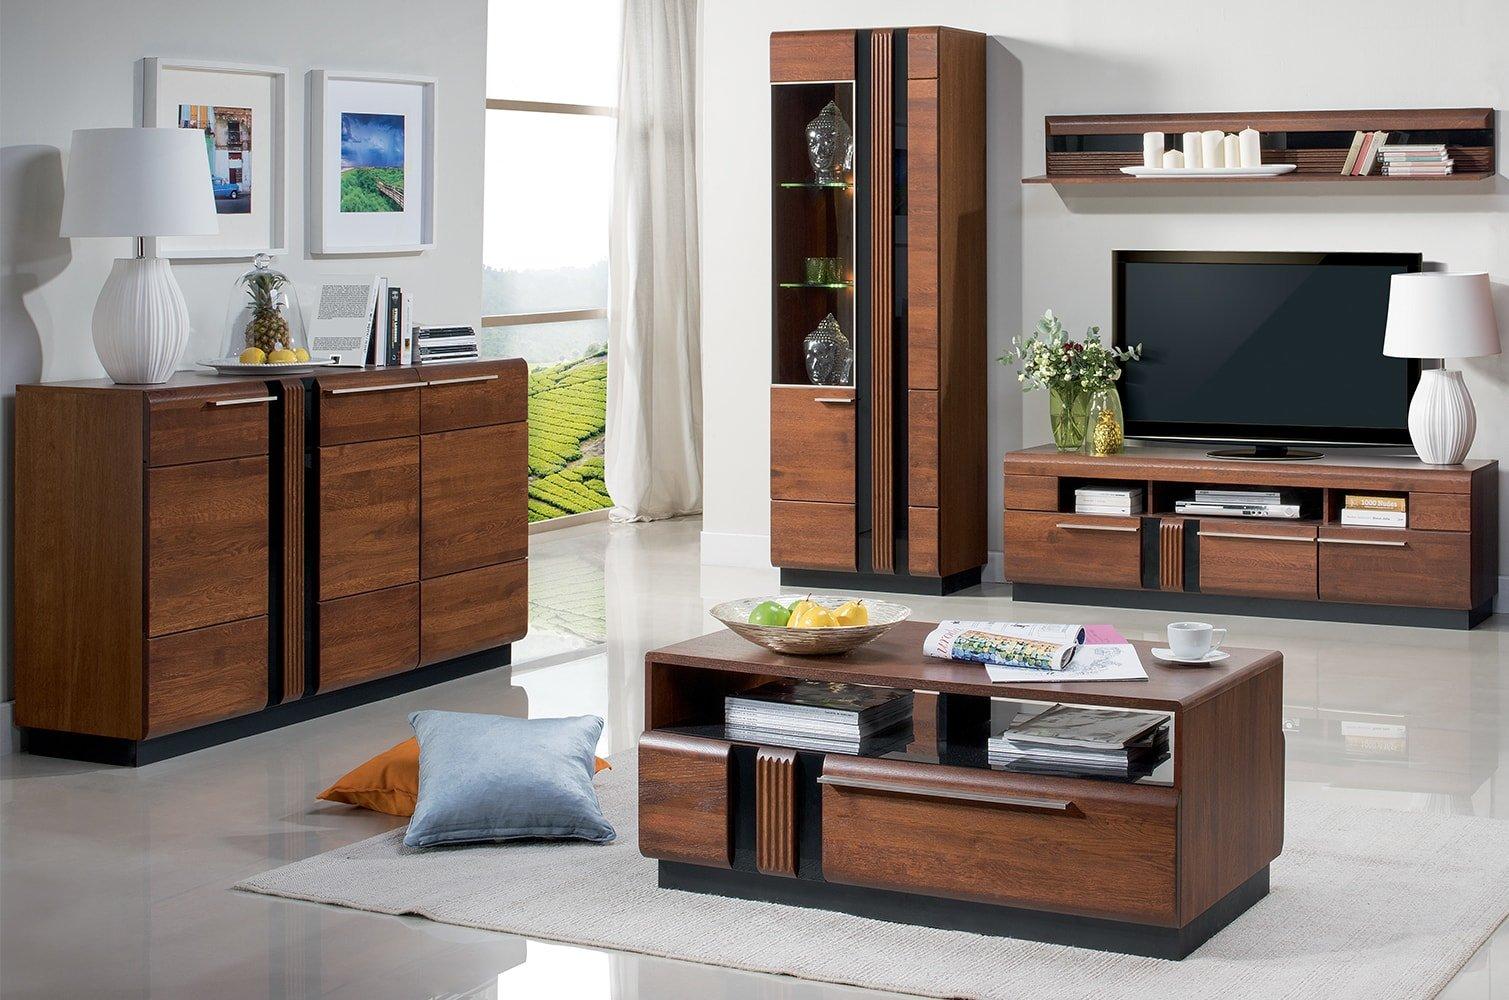 nowoczesne eleganckie meble do pokoju dziennego z drewna porti